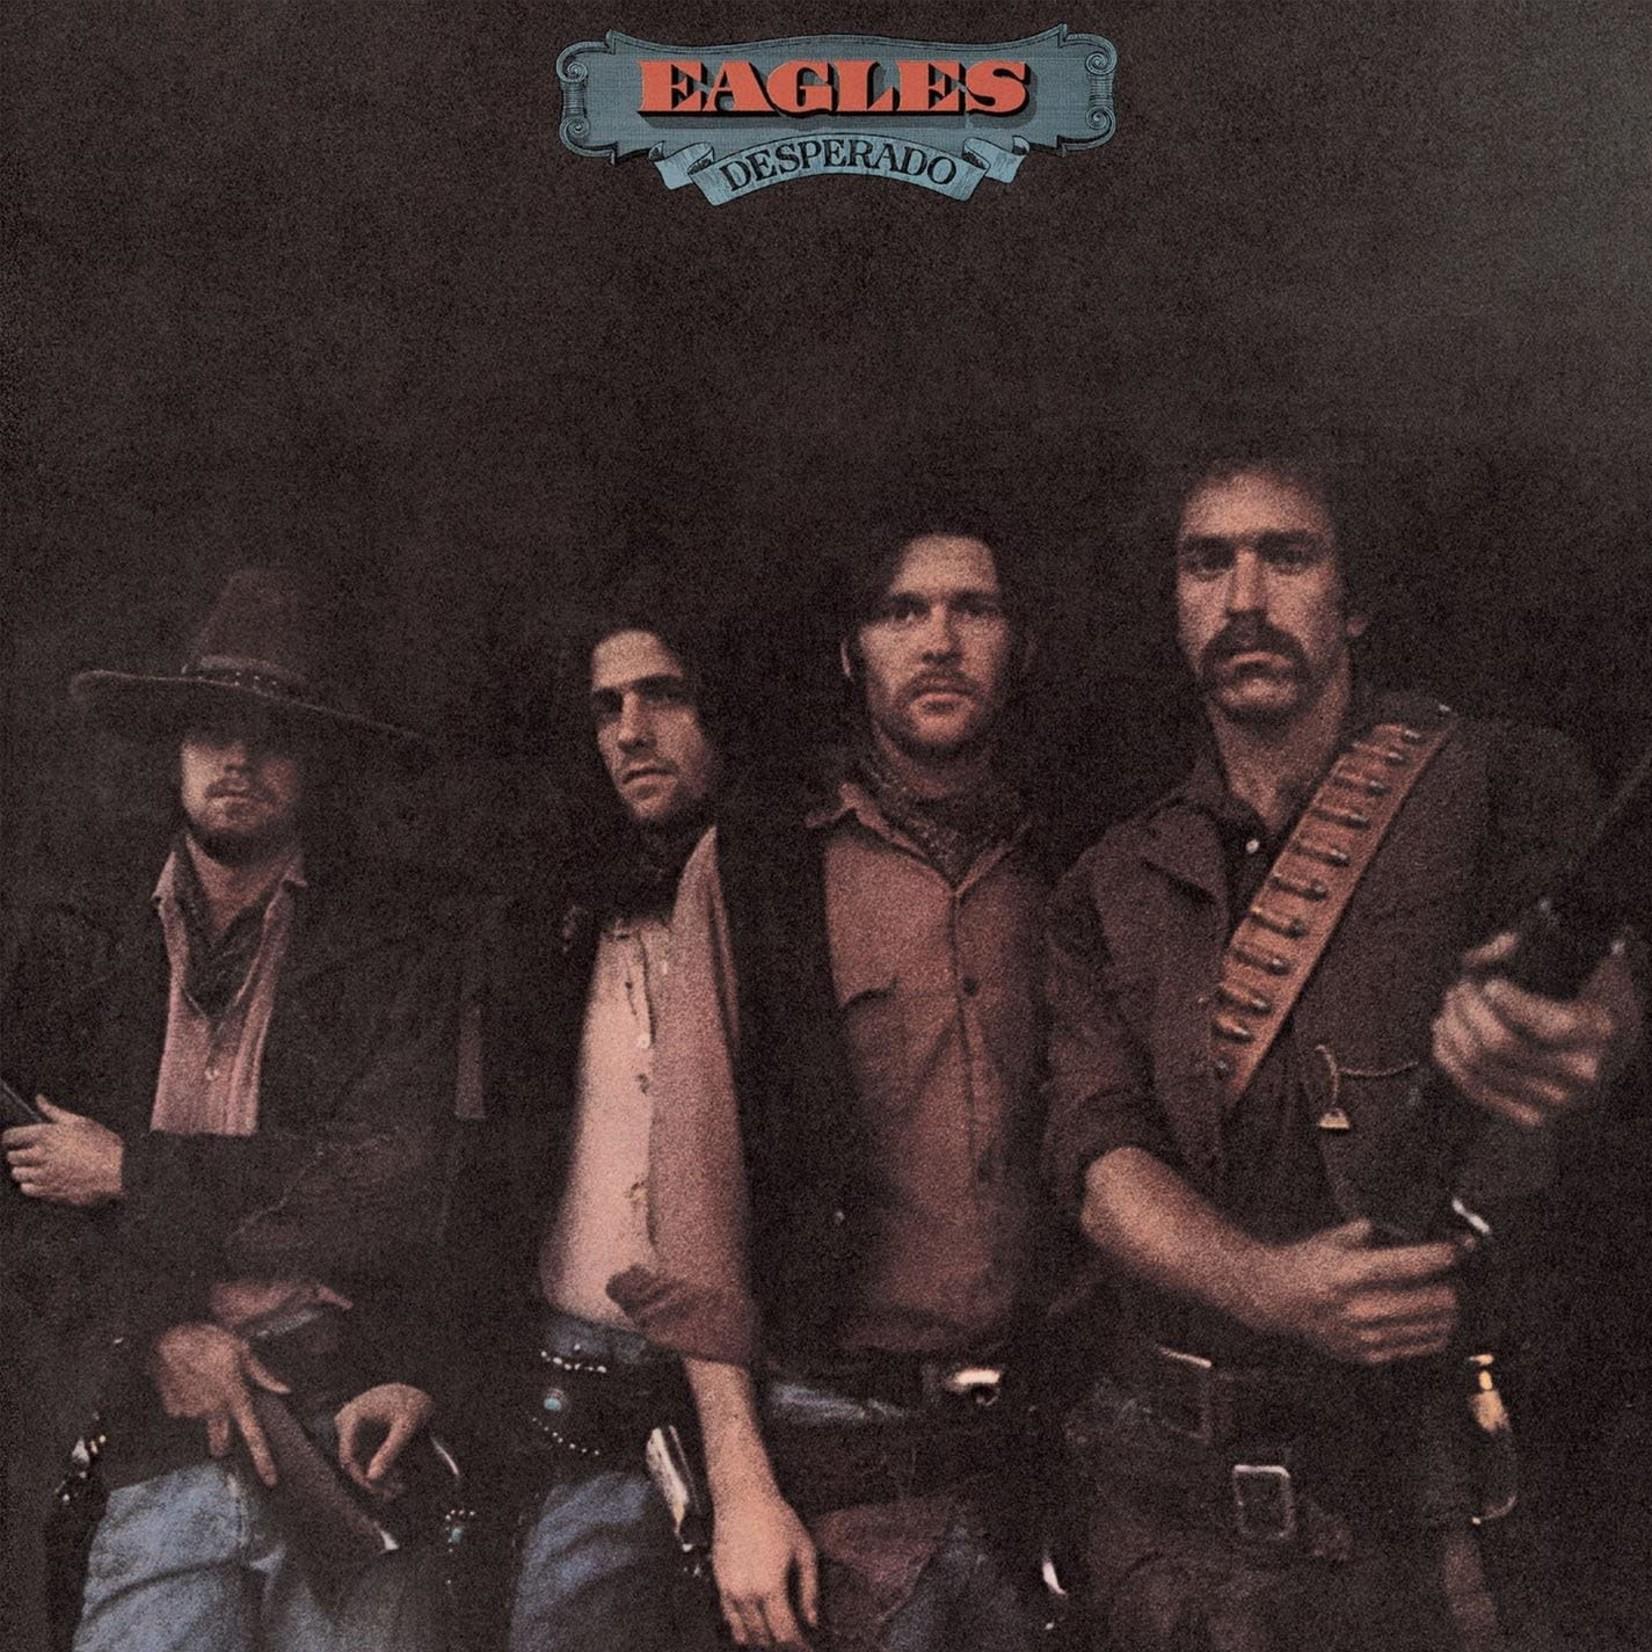 THE EAGLES DESPERADO (NEW VERSION) LP